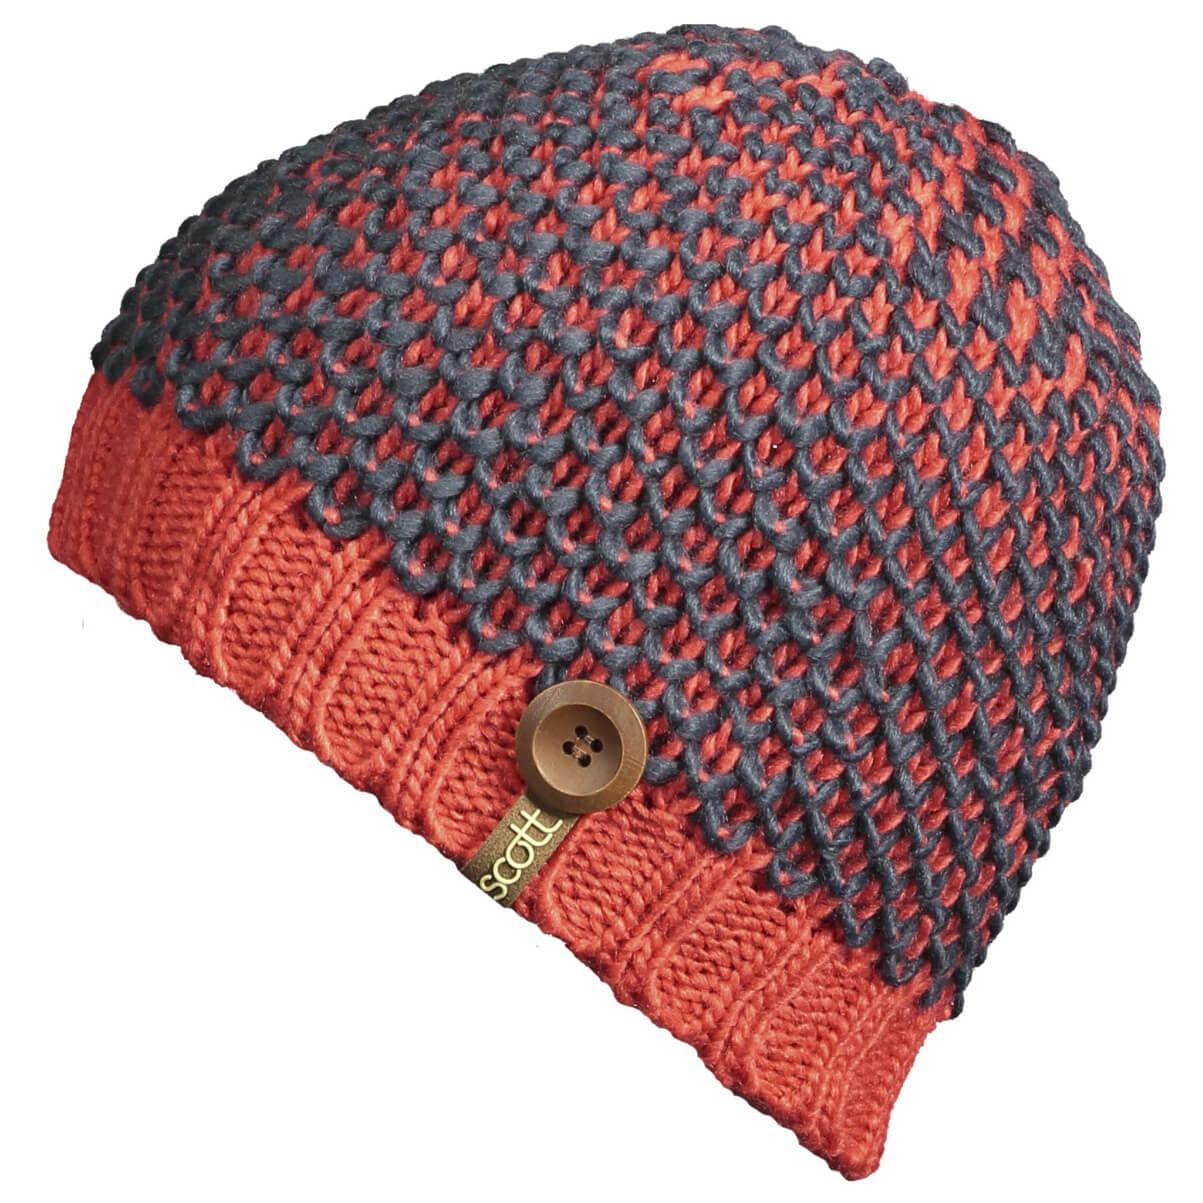 Acheter Authentic comment choisir style populaire Scott - Women's Beanie MTN 30 - Bonnet